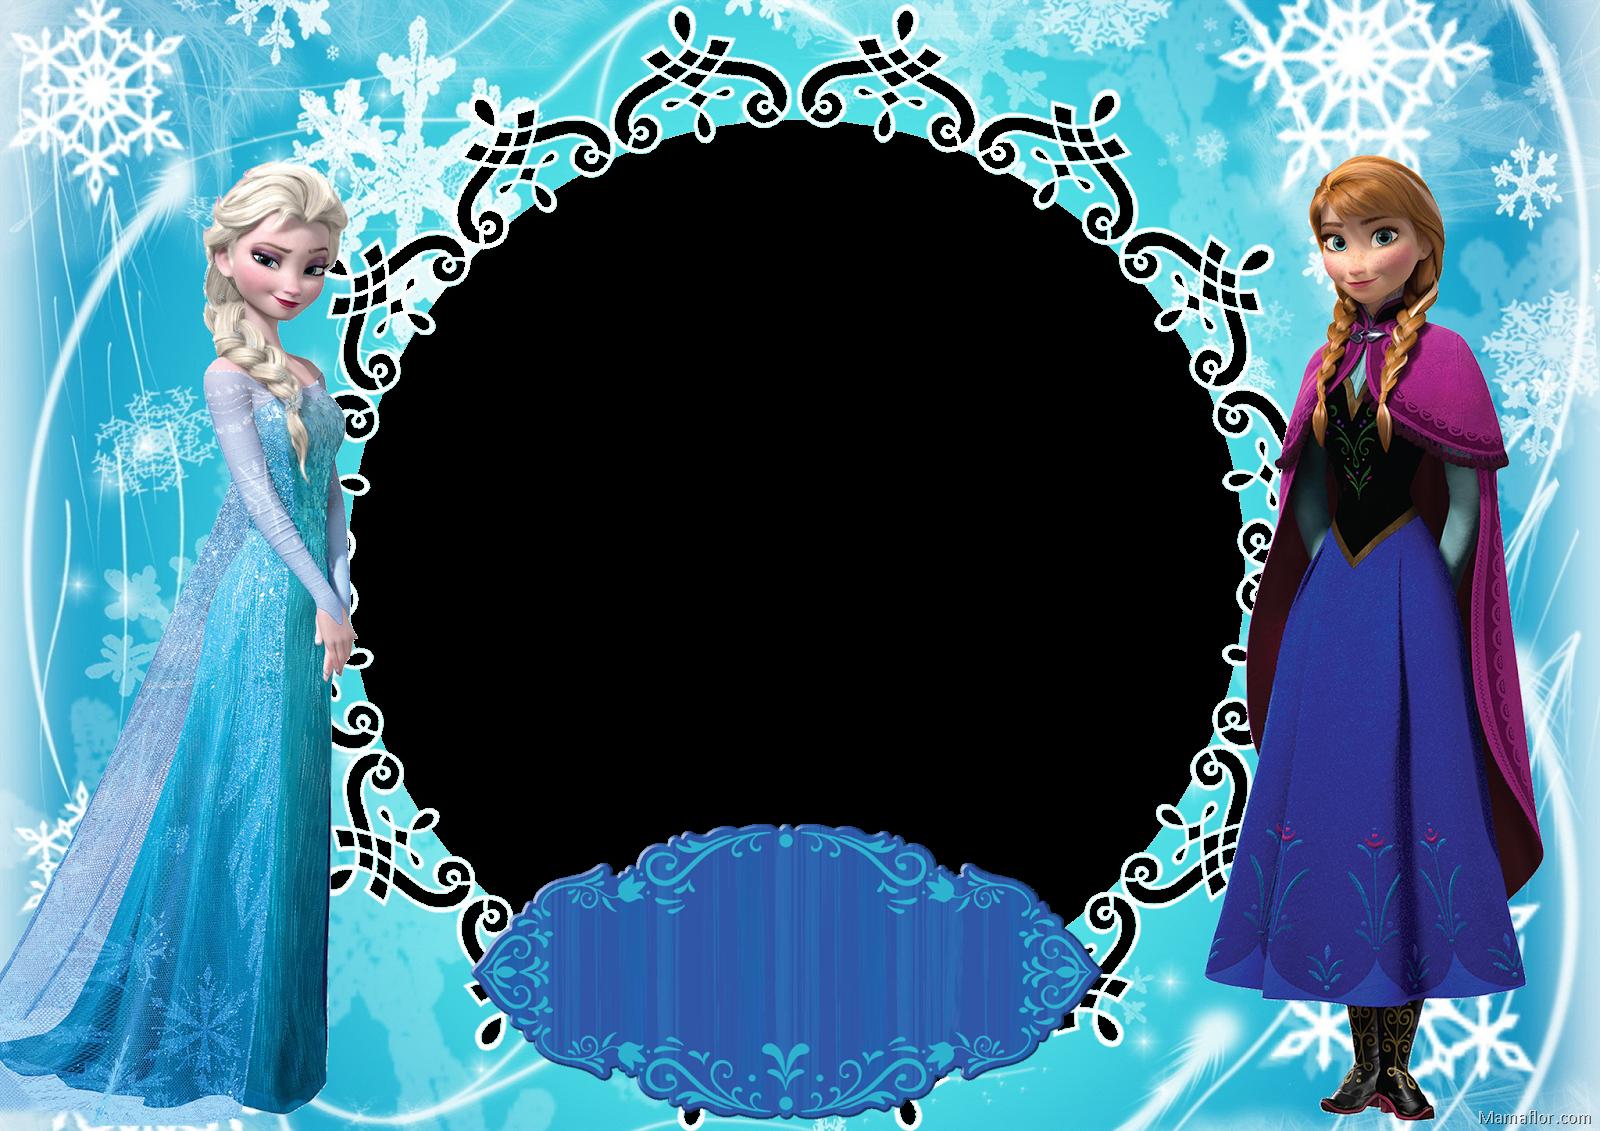 HD Marco Fotos Elsa Y Anna Frozen.